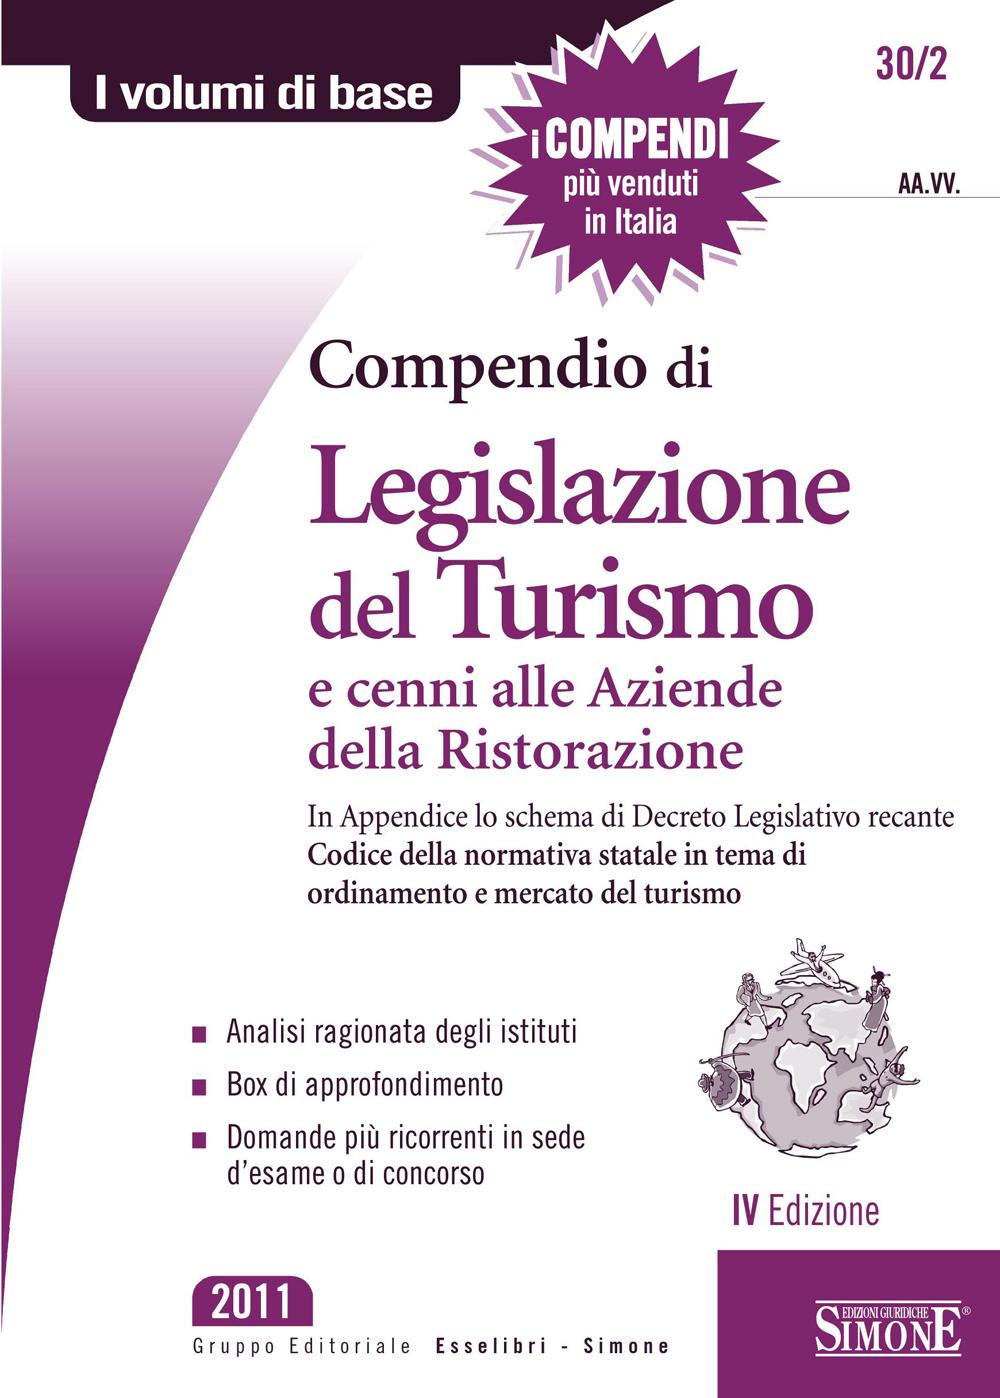 Compendio di Legislazione del Turismo e cenni alle Aziende di Ristorazione